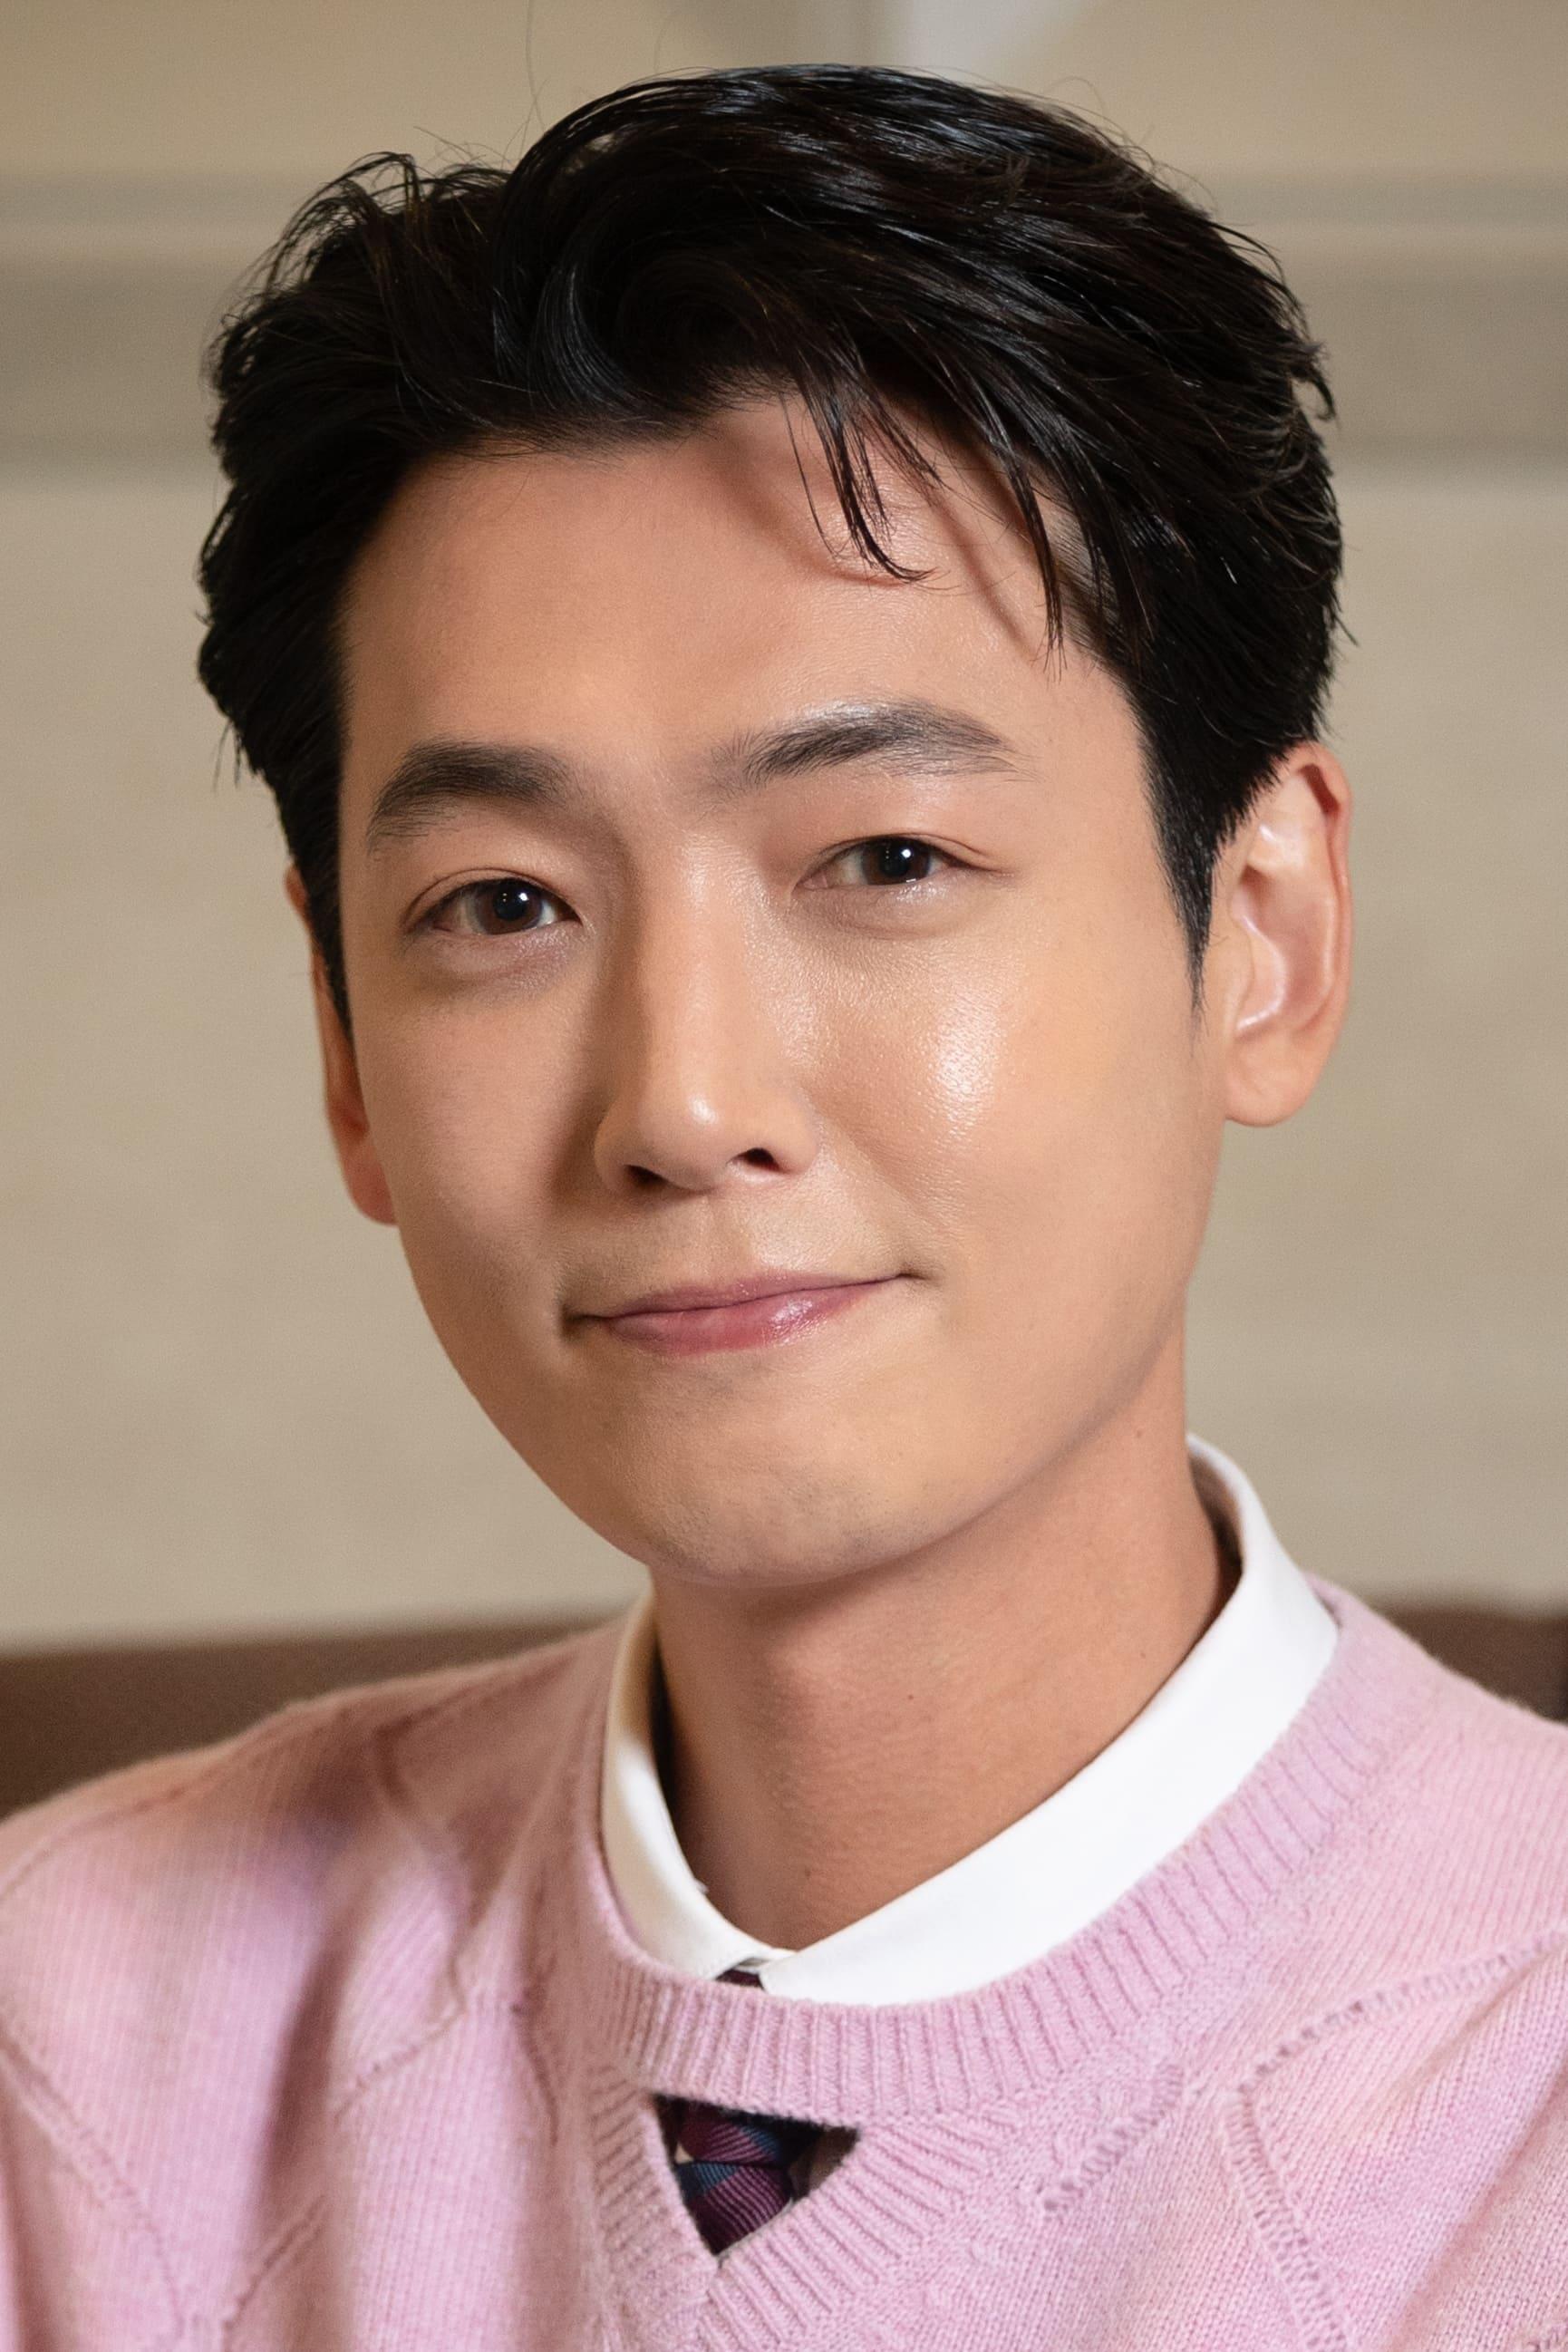 Jung Kyung-ho